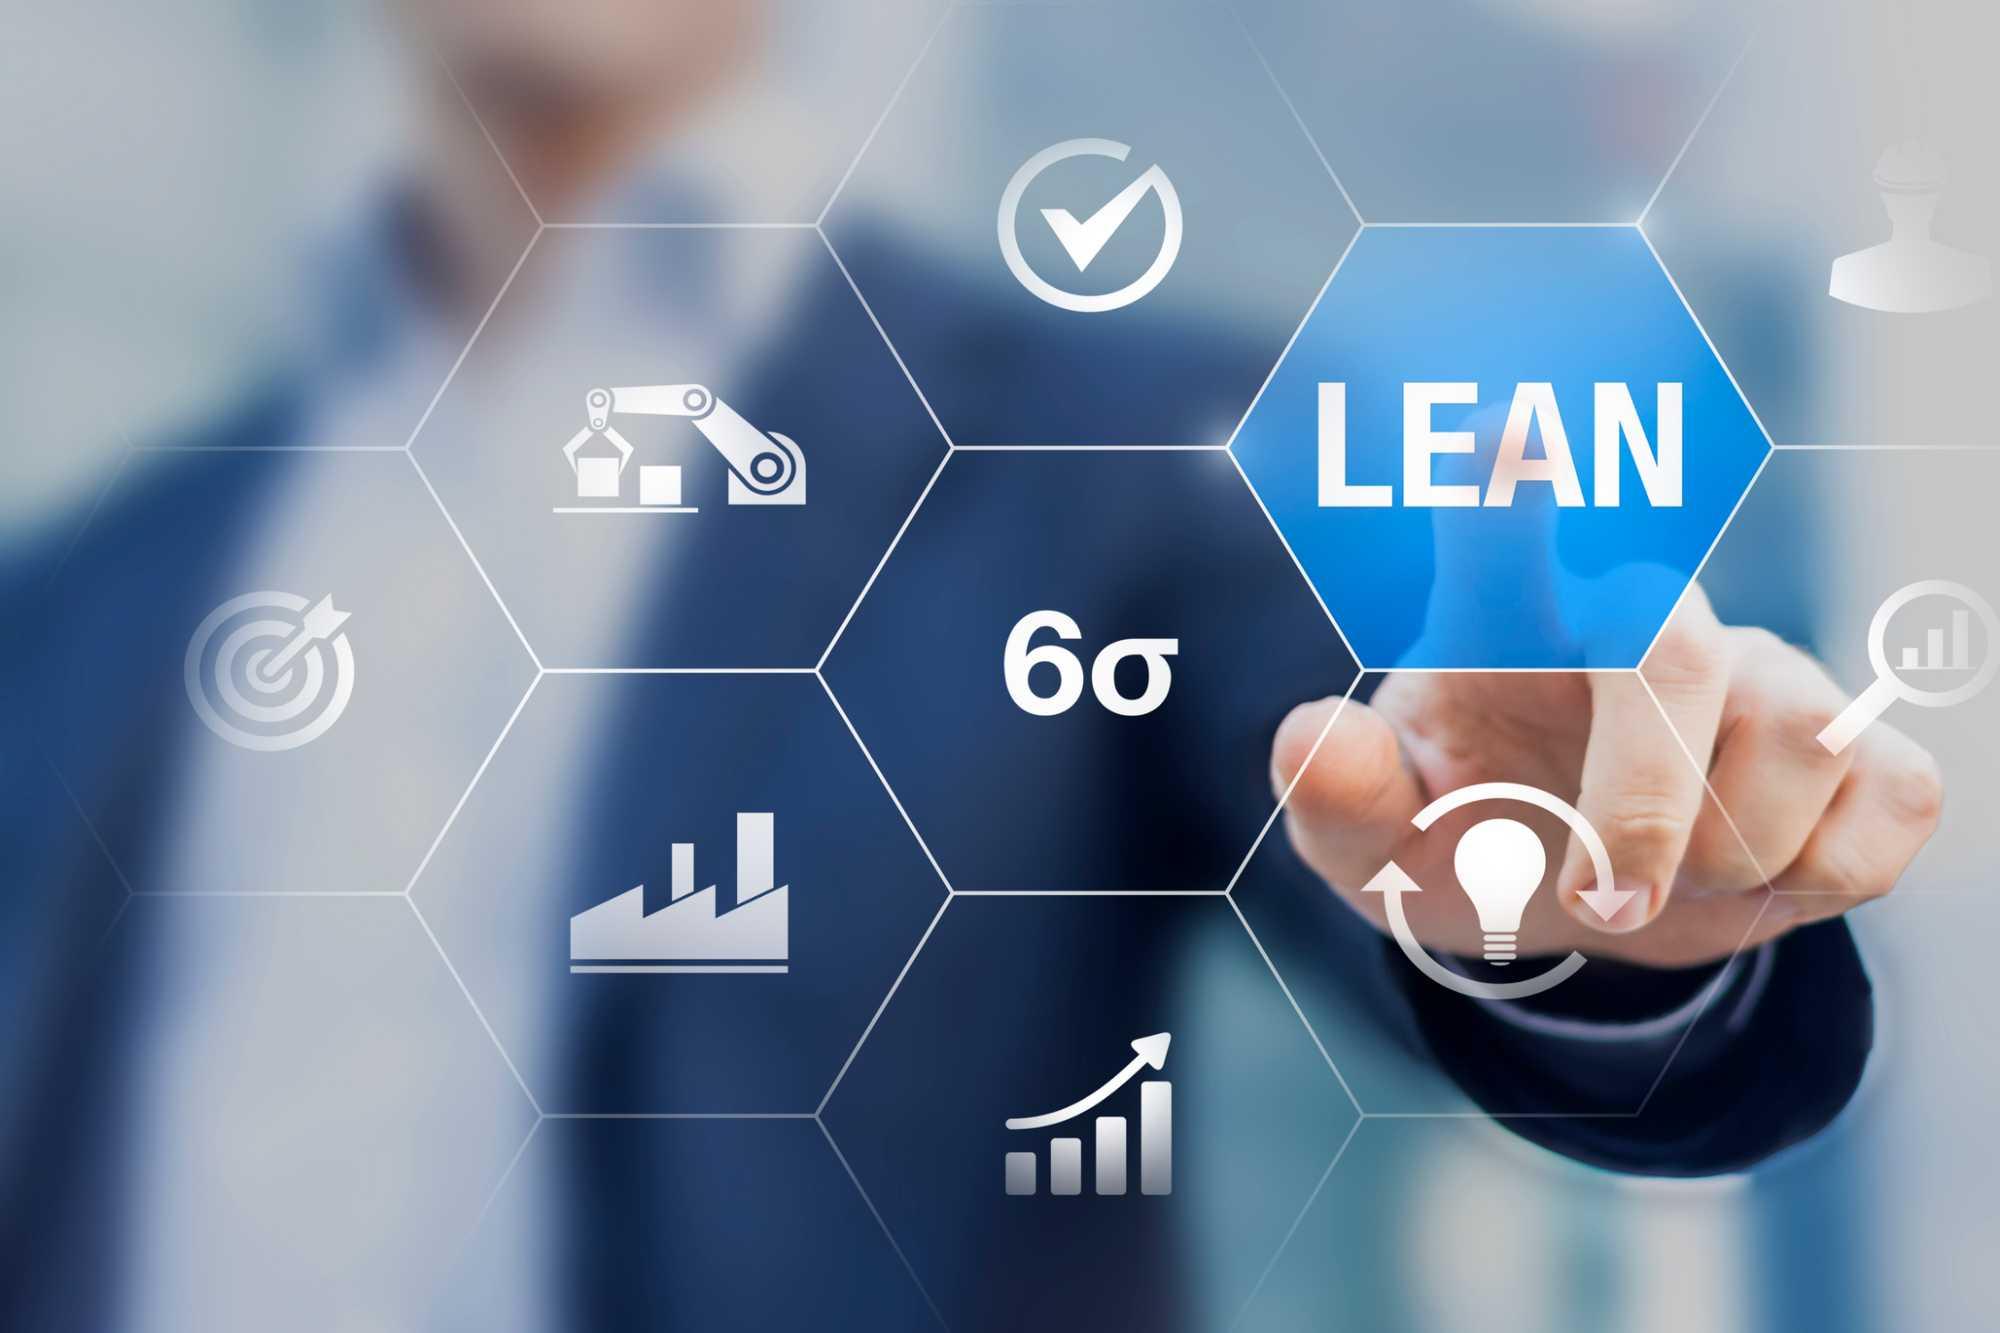 Como a metodologia Lean auxilia na melhoria de processos?